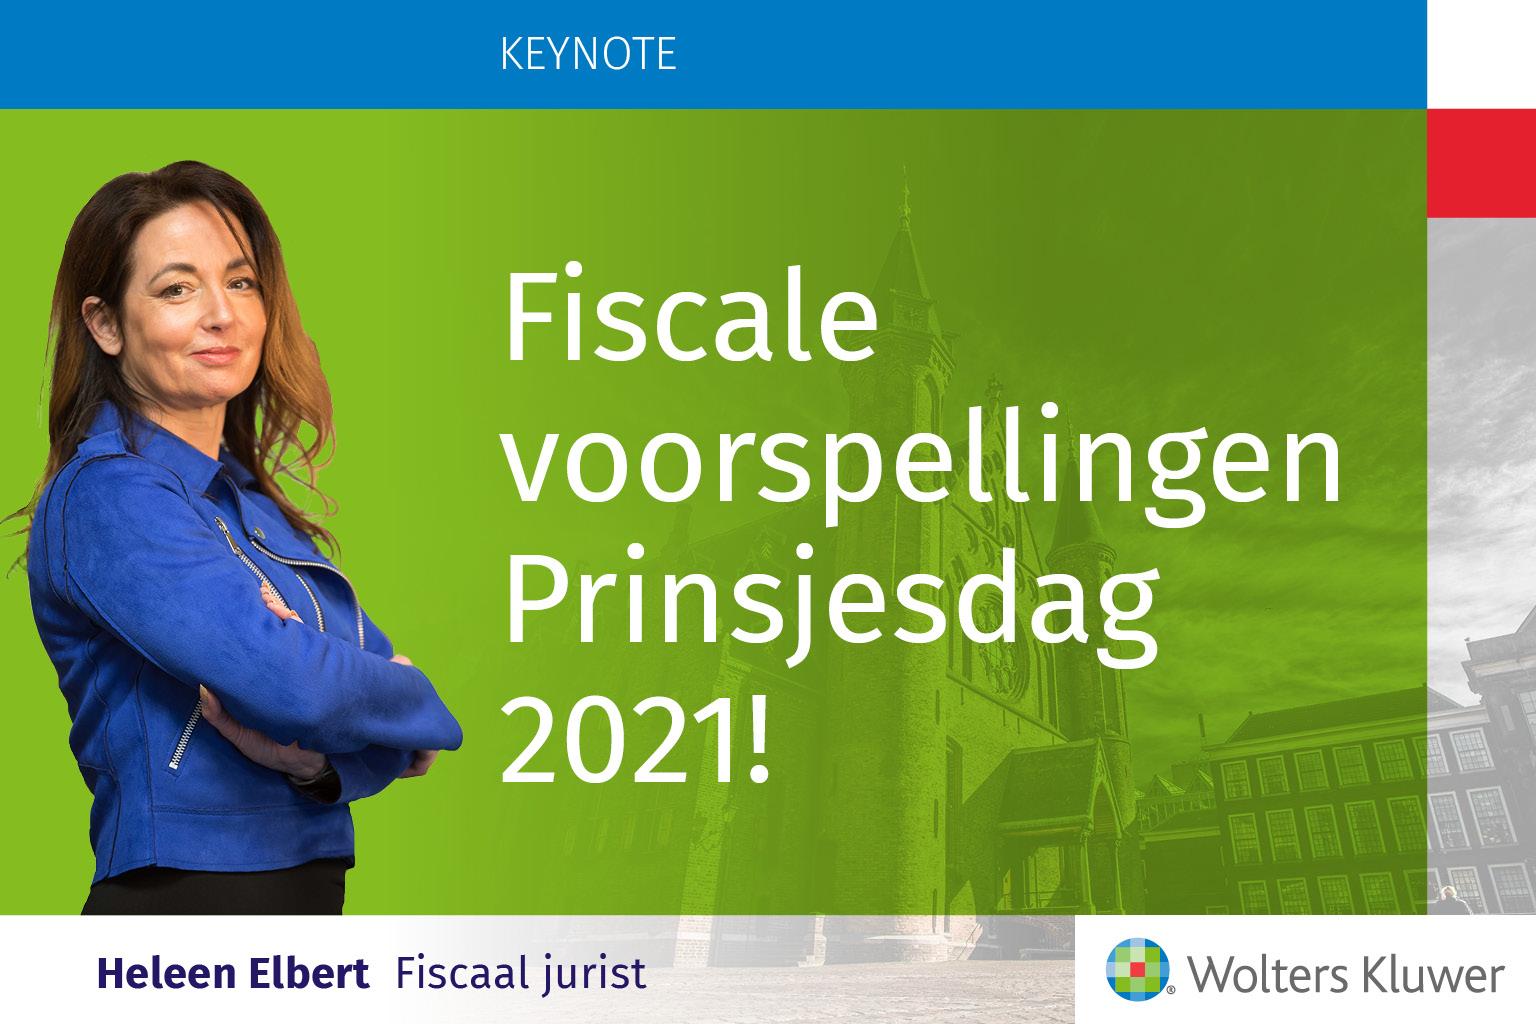 Heleen Elbert fiscale voorspellingen prinsjesdag